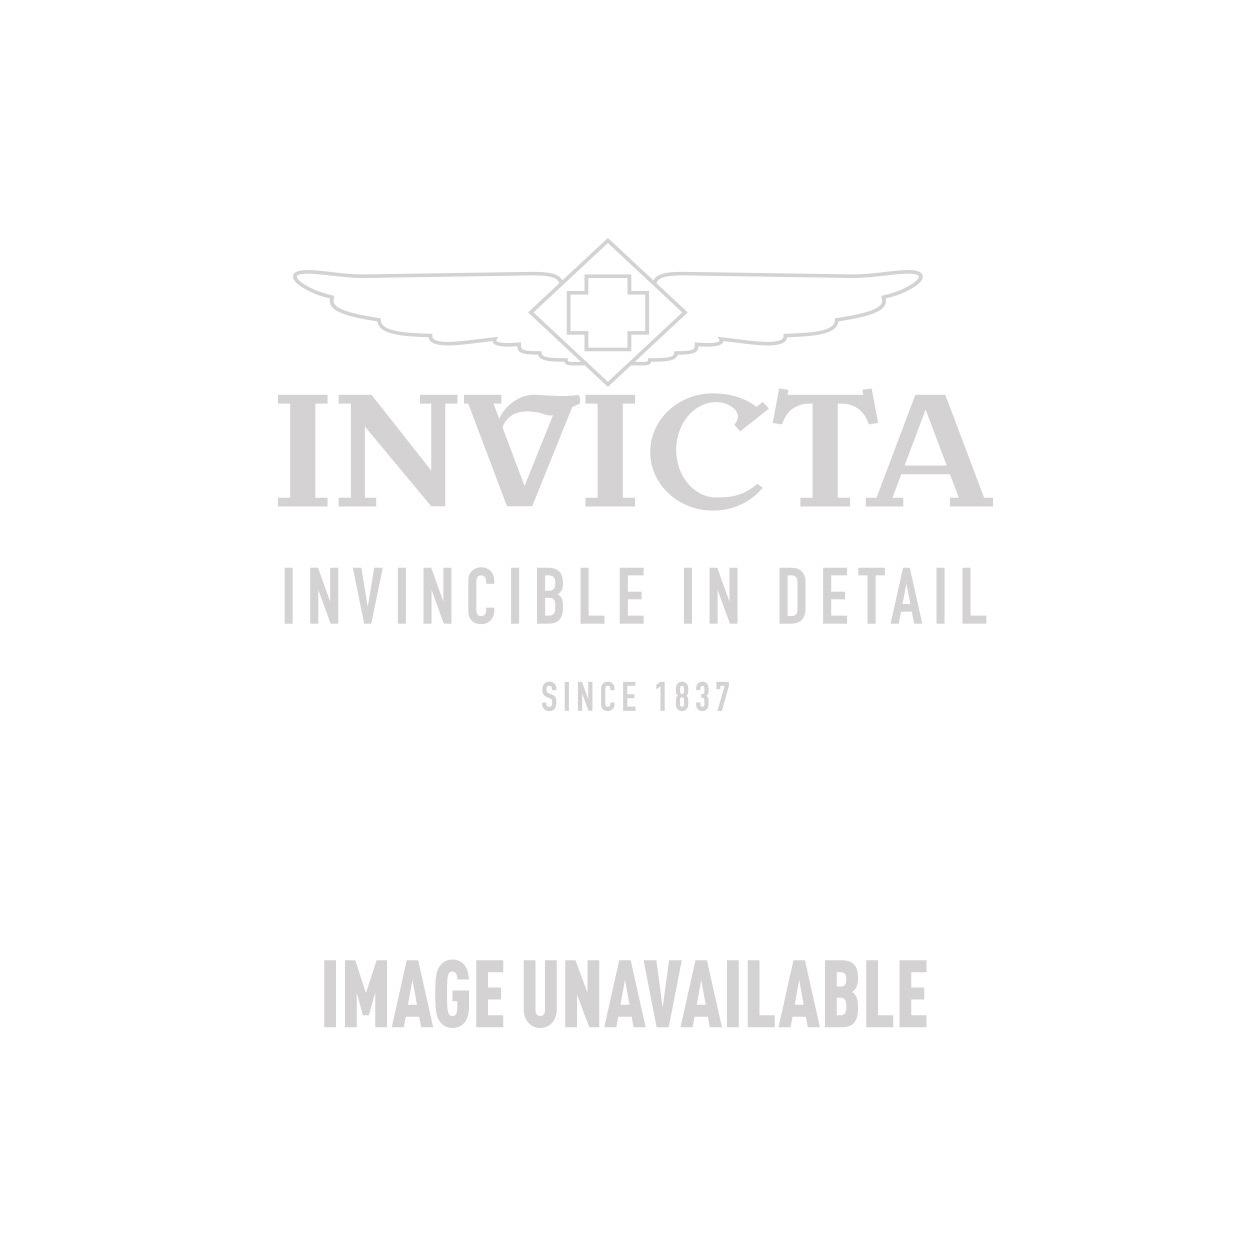 Invicta Model 29127